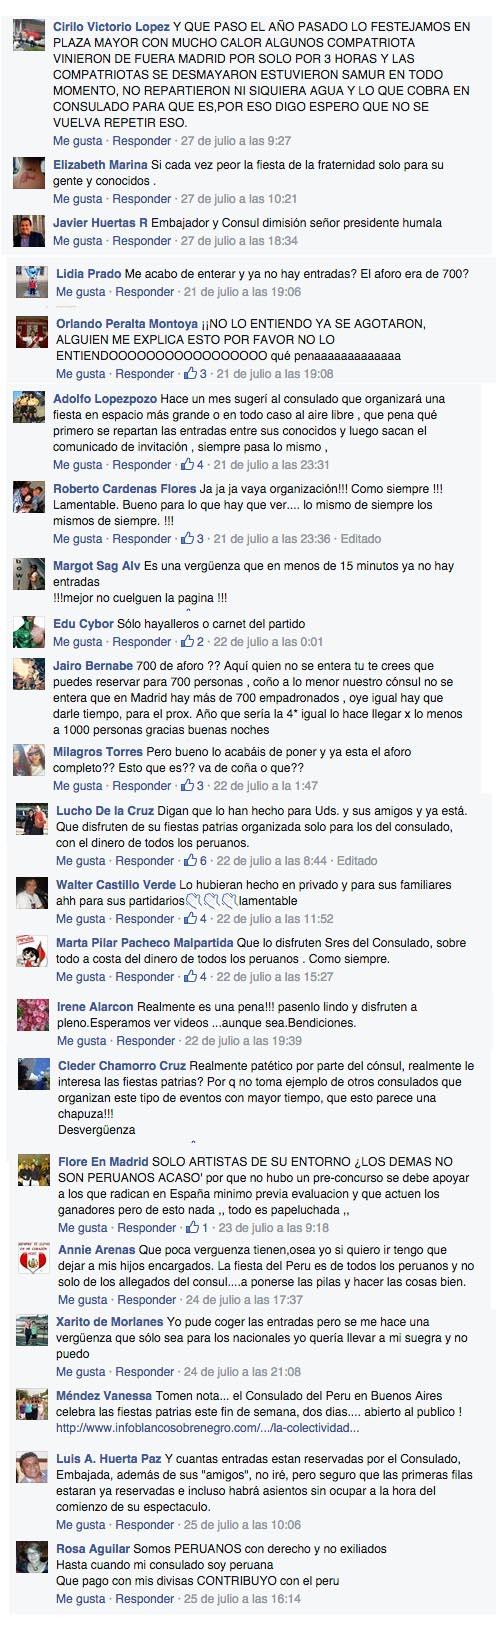 quejas al consulado del Perú en Madrid3